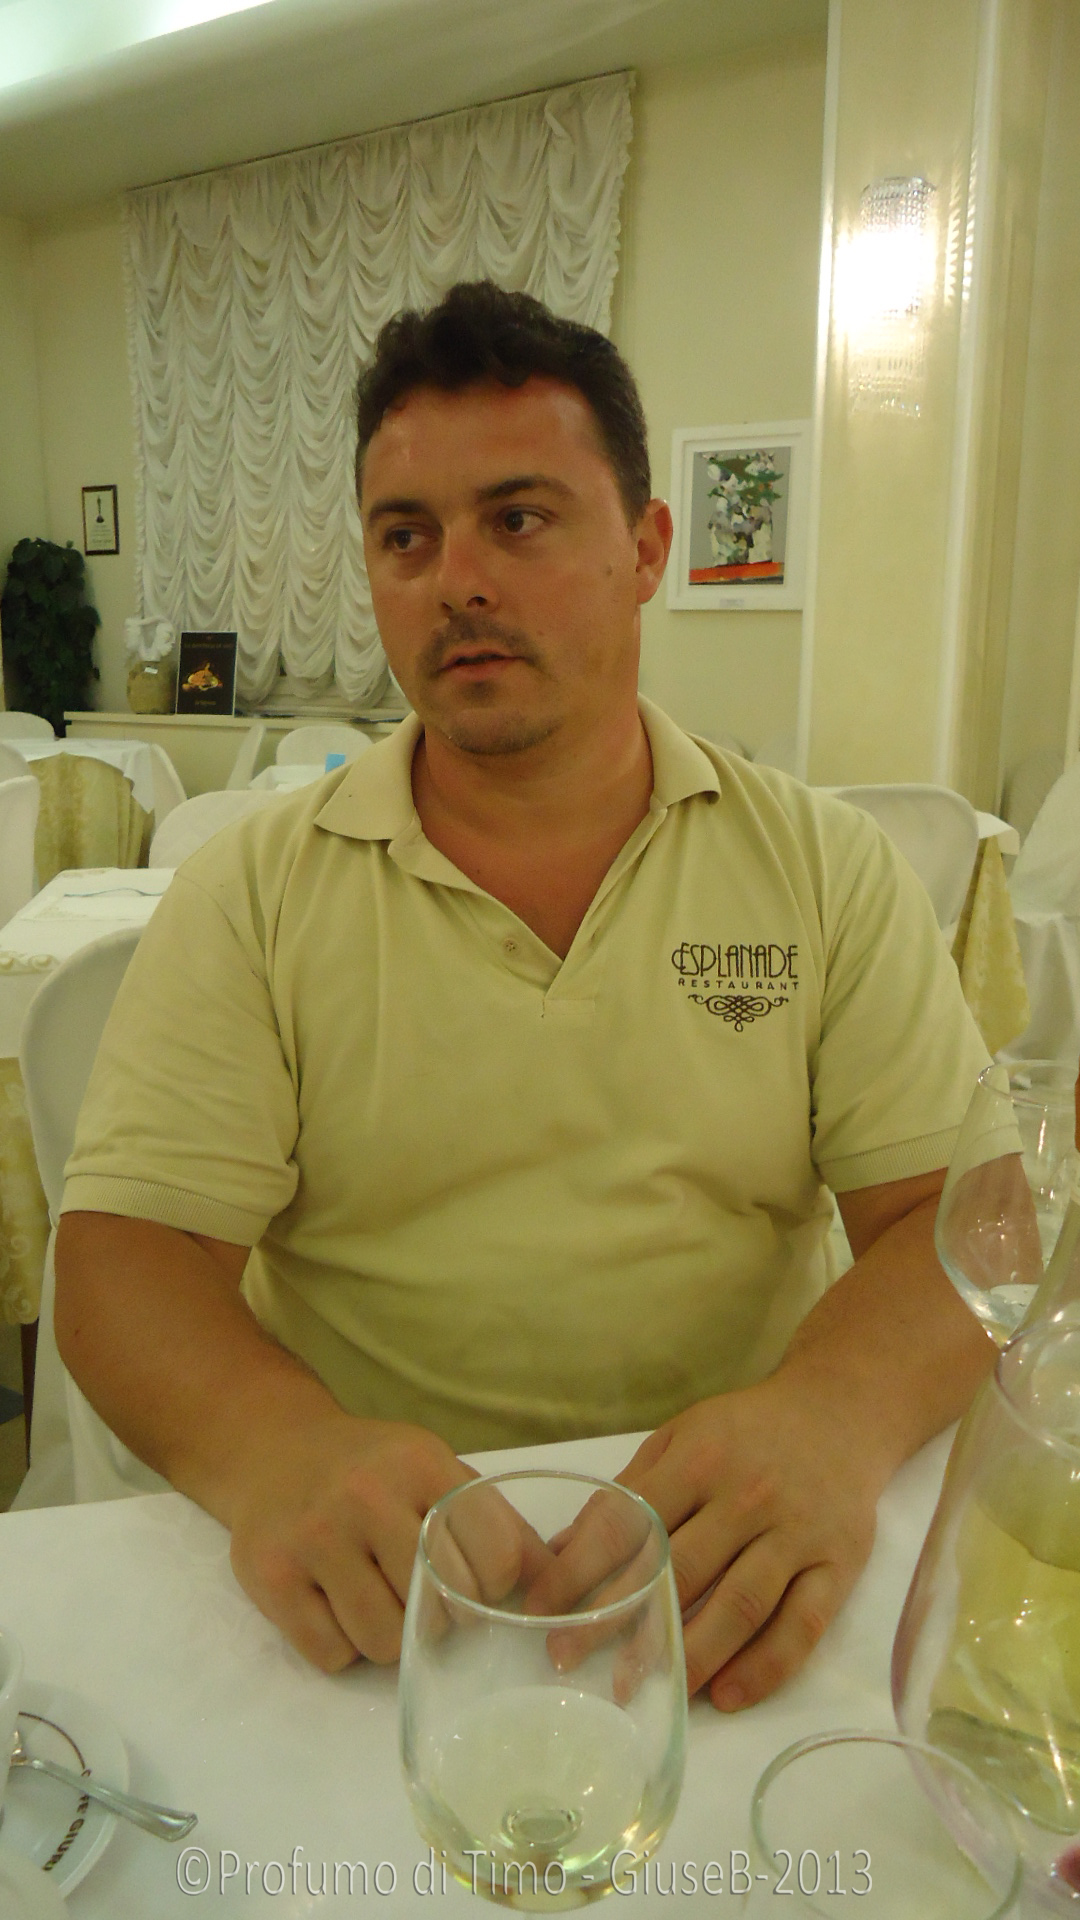 Antonio Morelli, Chef del Ristorante Esplanade e Segretario generale dell' Unione Regionale Cuochi Toscani